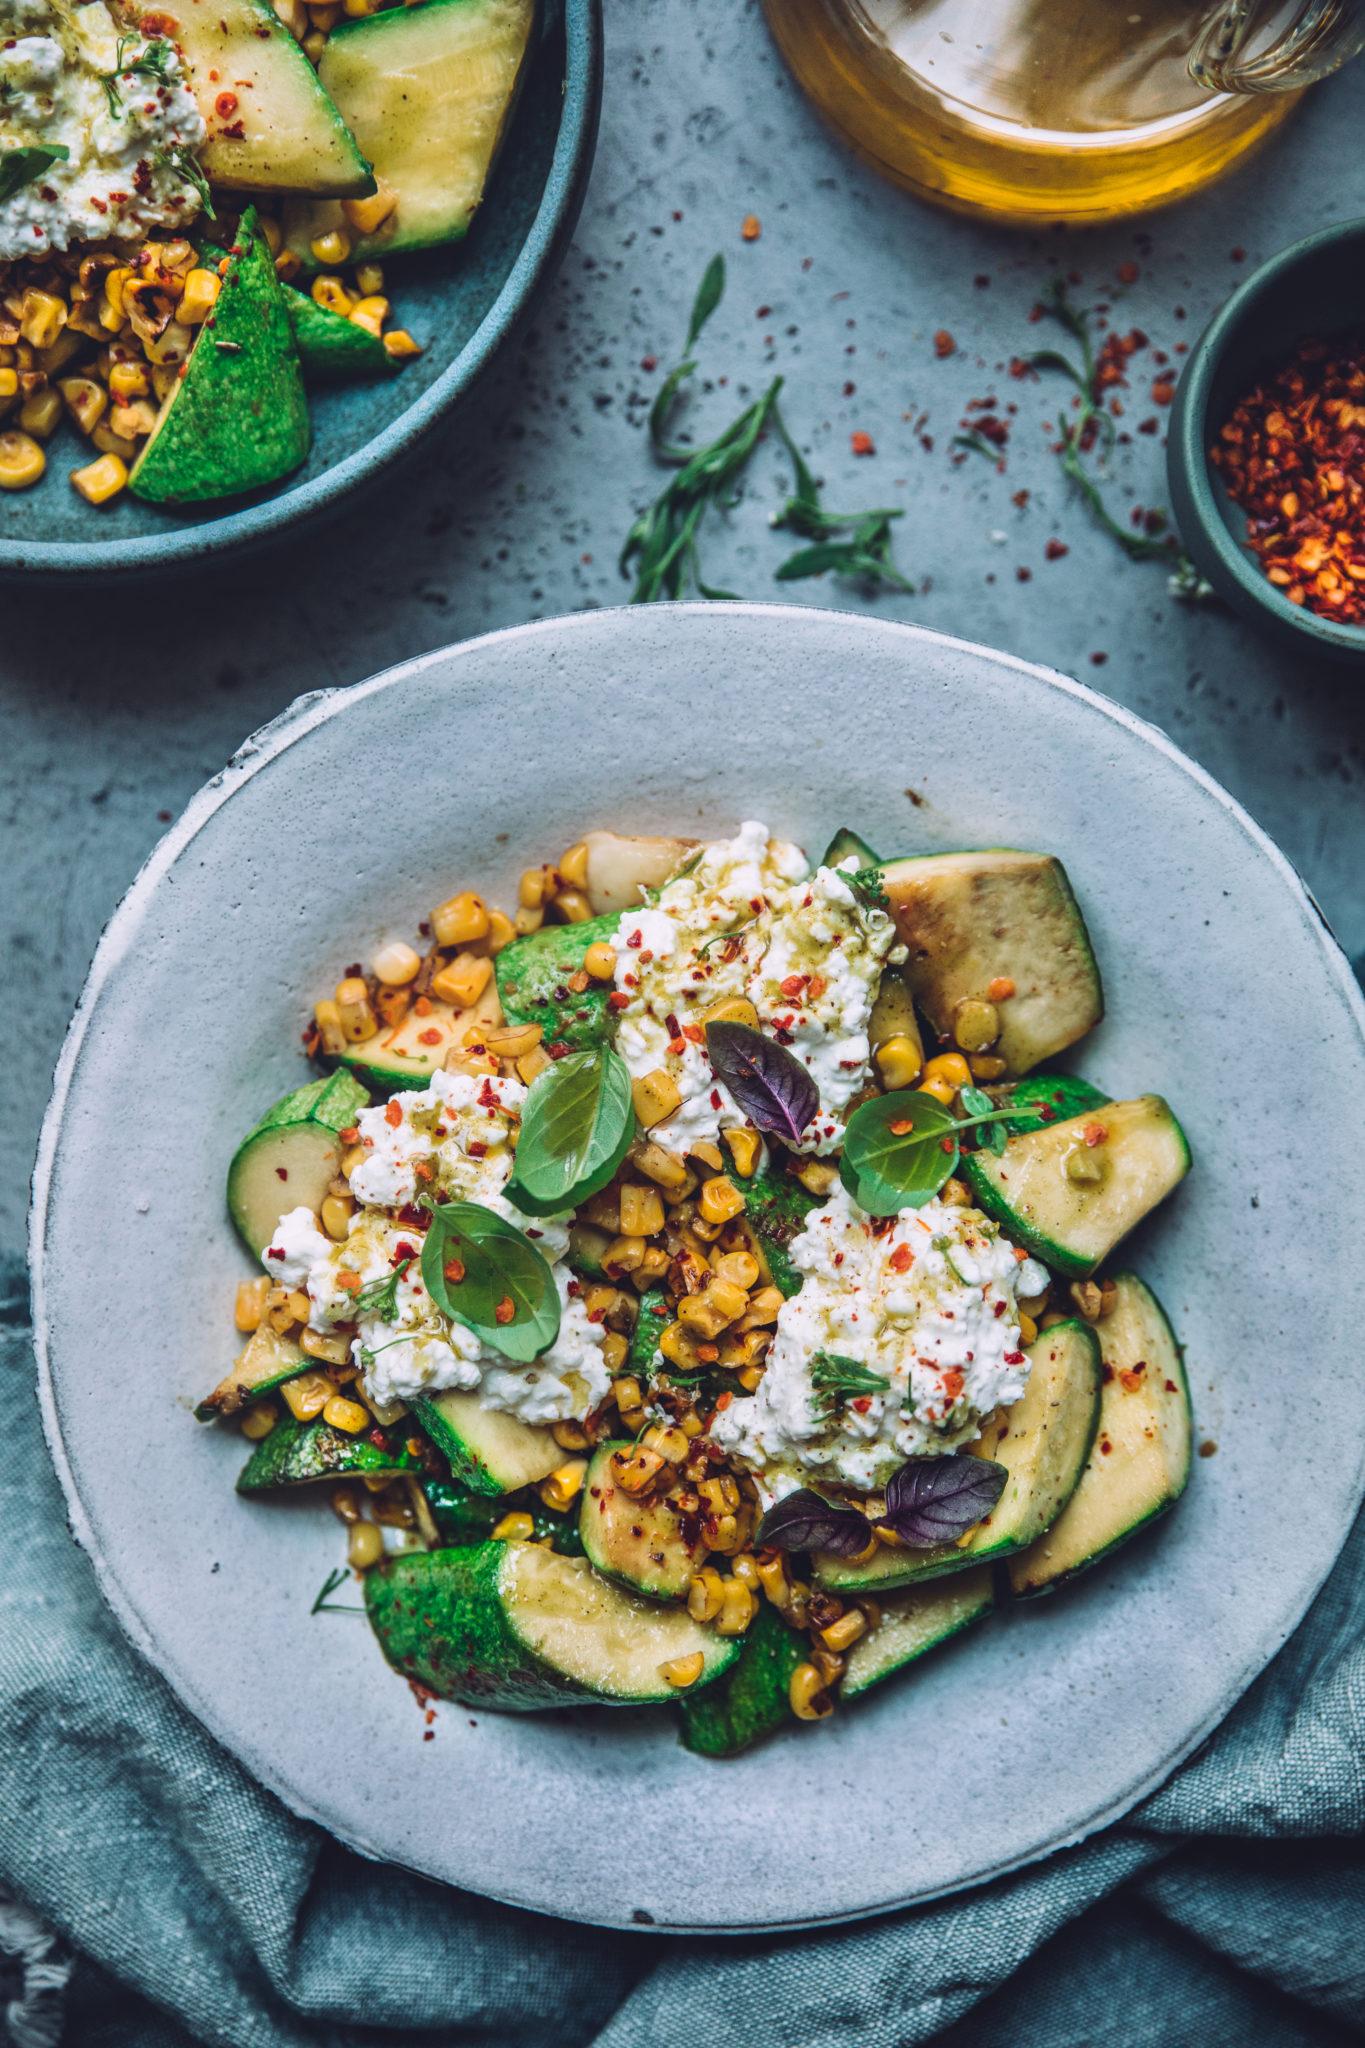 Salade maïs - Mégane Ardérighi - megandcook styliste culinaire lyon